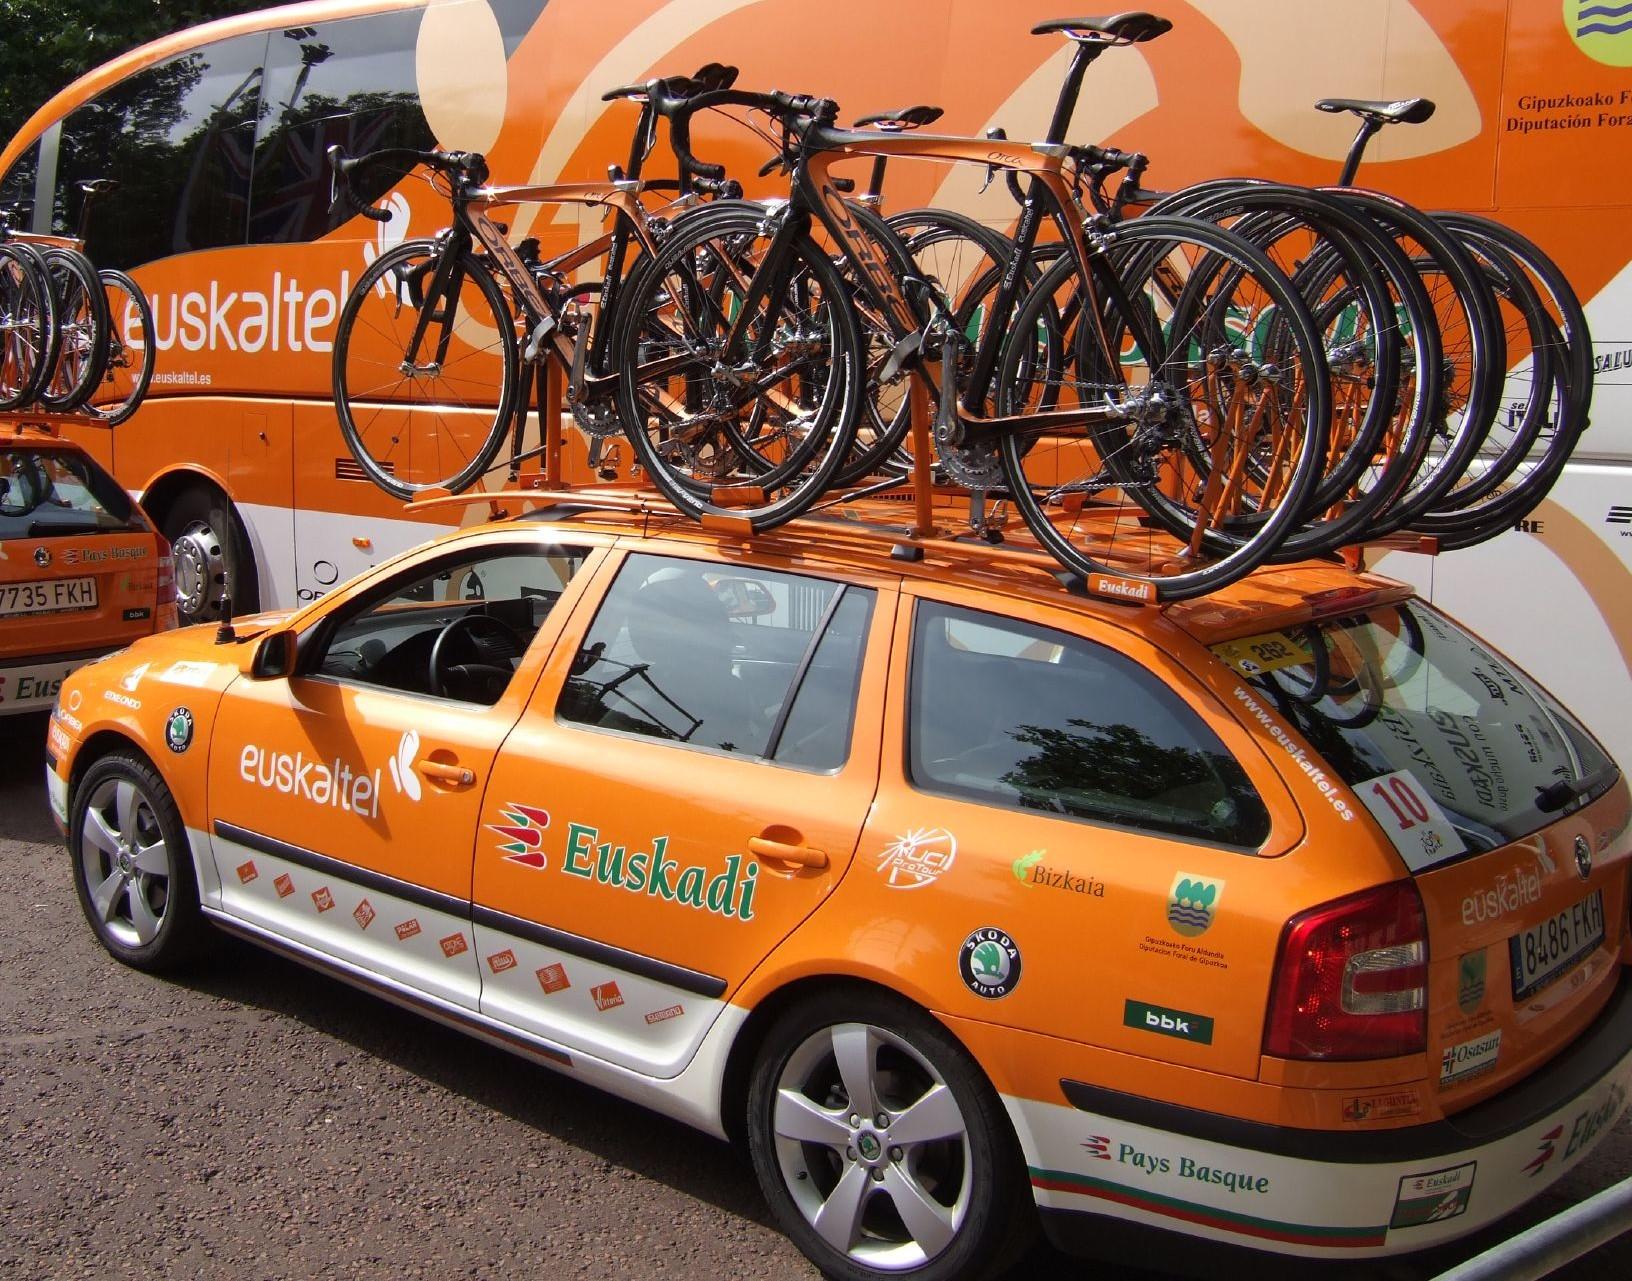 Euskaltel_team_cars